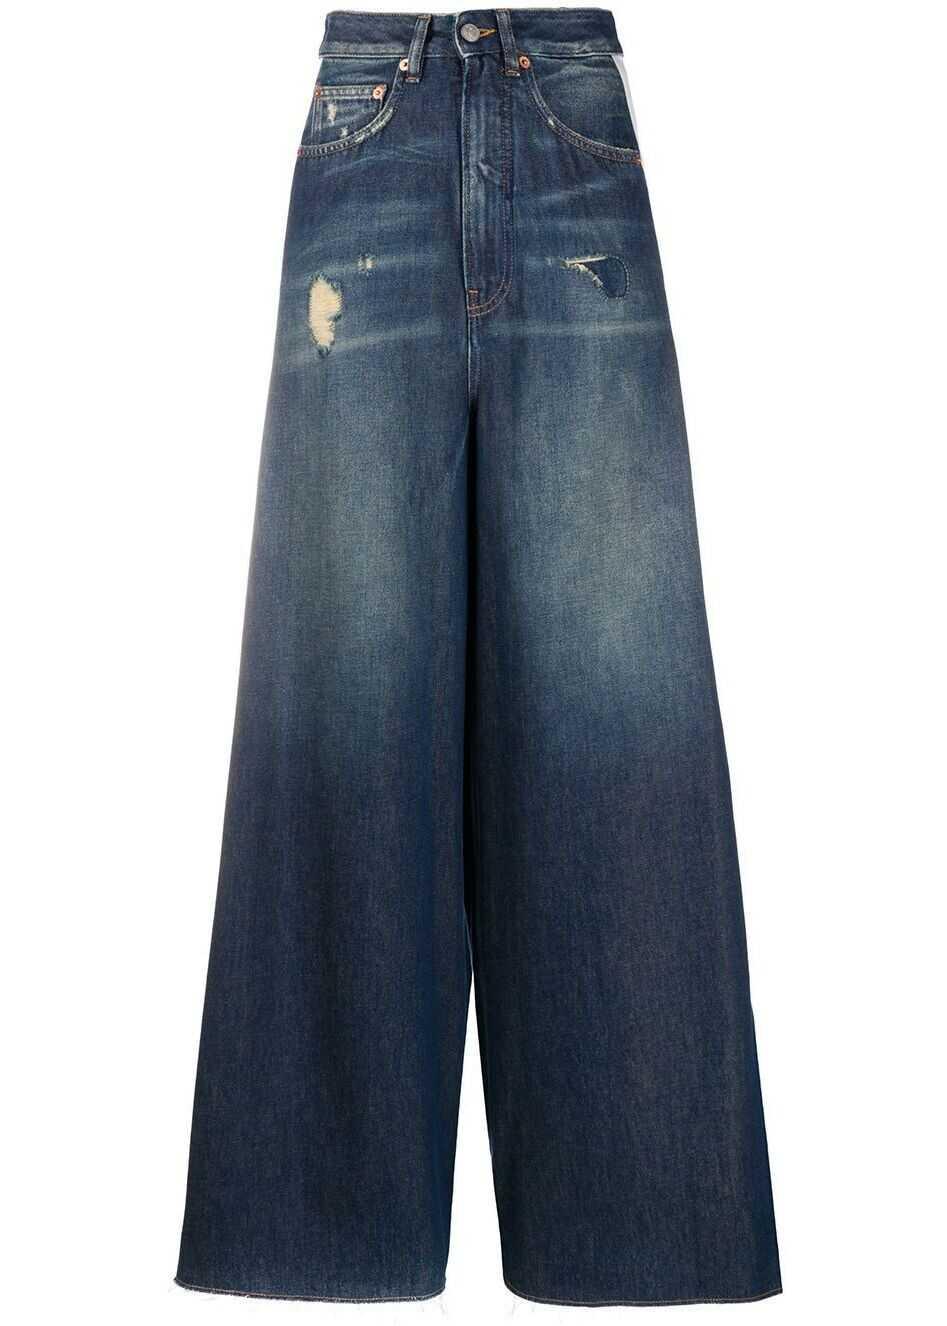 Maison Margiela Cotton Jeans BLUE